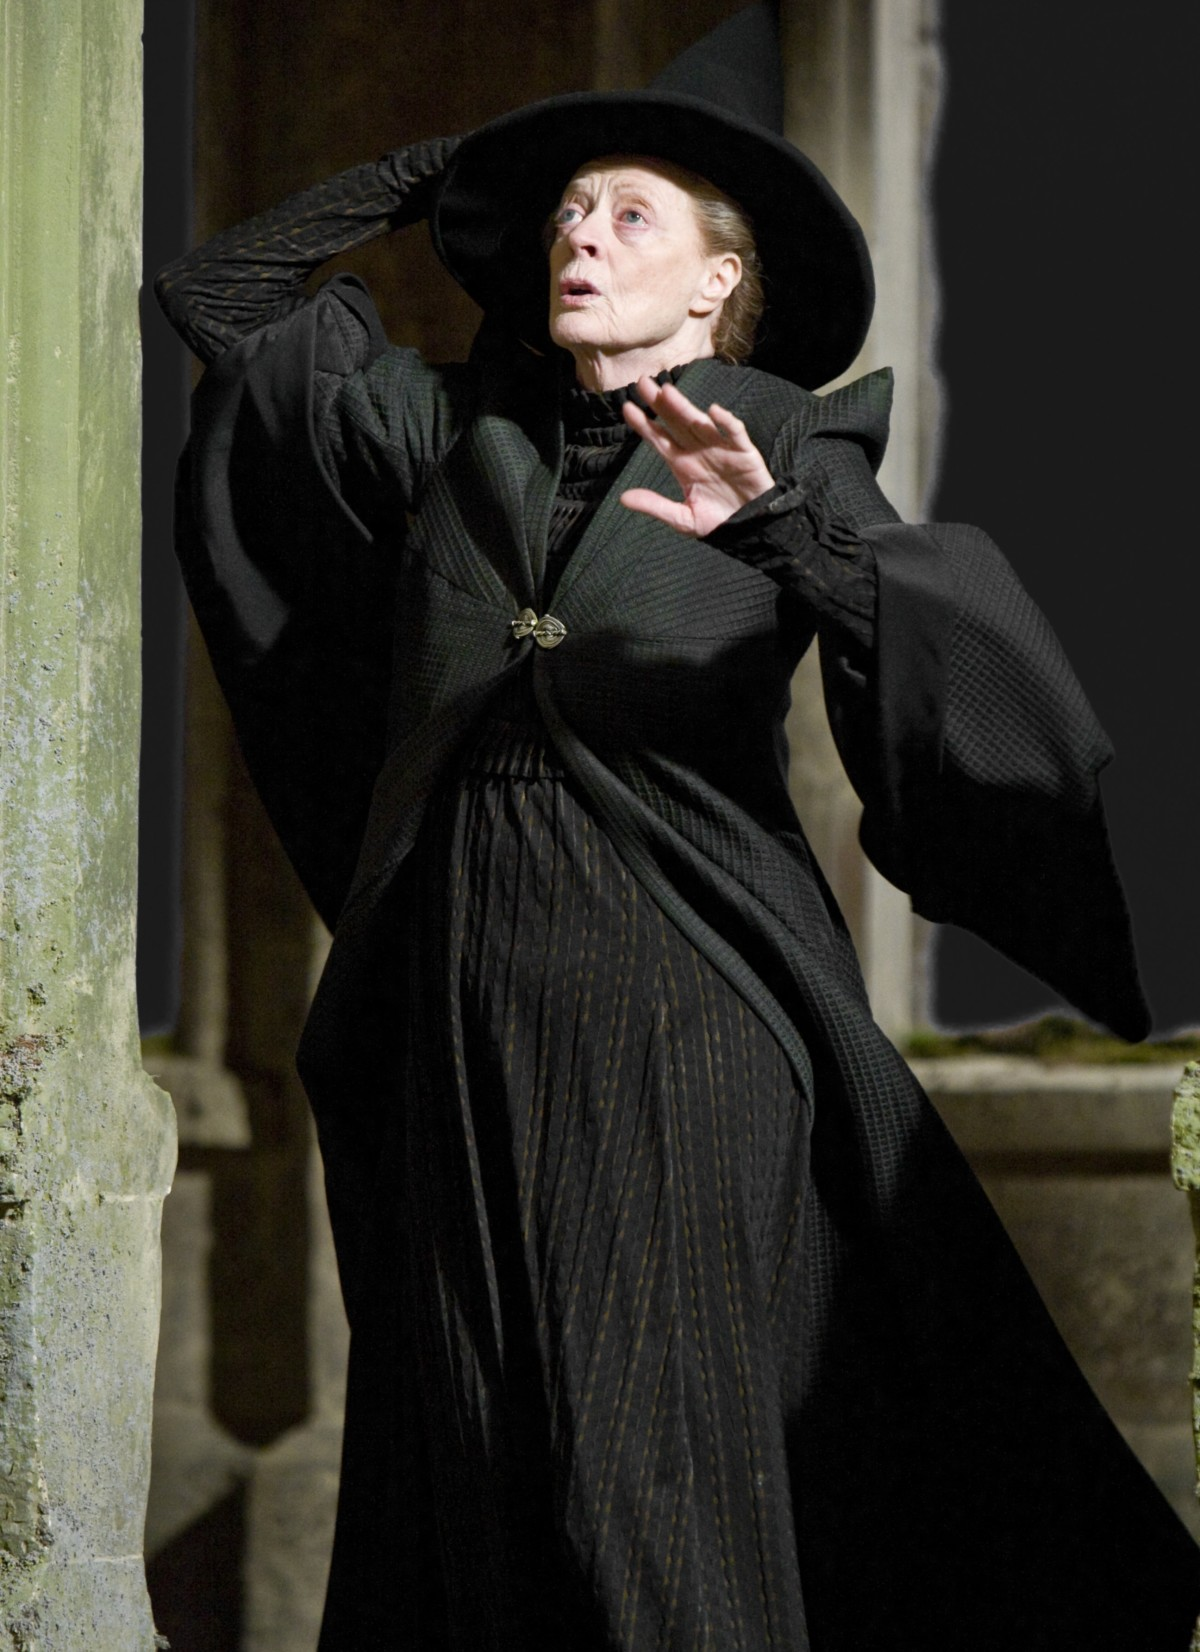 MinervaMcGonagall_WB_F6_McGonagallHoldingHat_Still_080615_Port